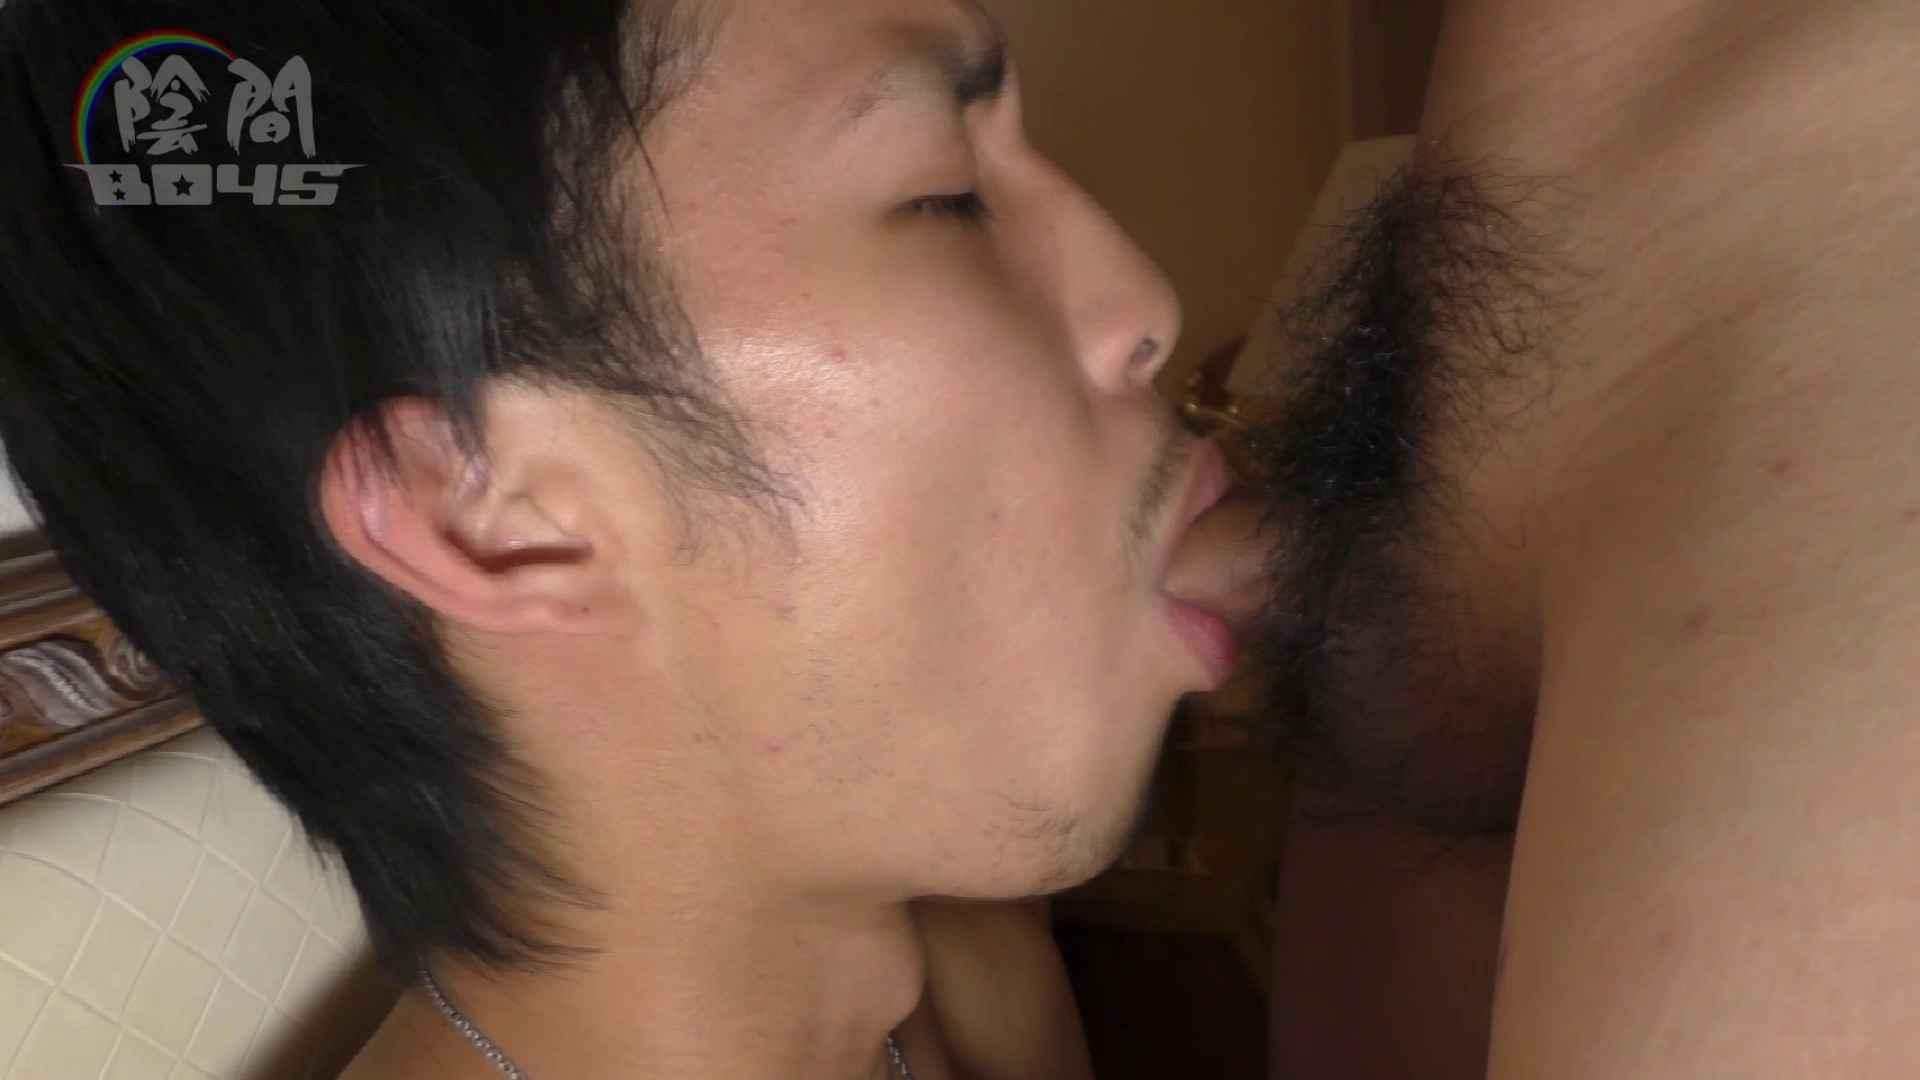 陰間BOYS~「アナルだけは許して…2」~04 隠撮 ゲイAV画像 69pic 66